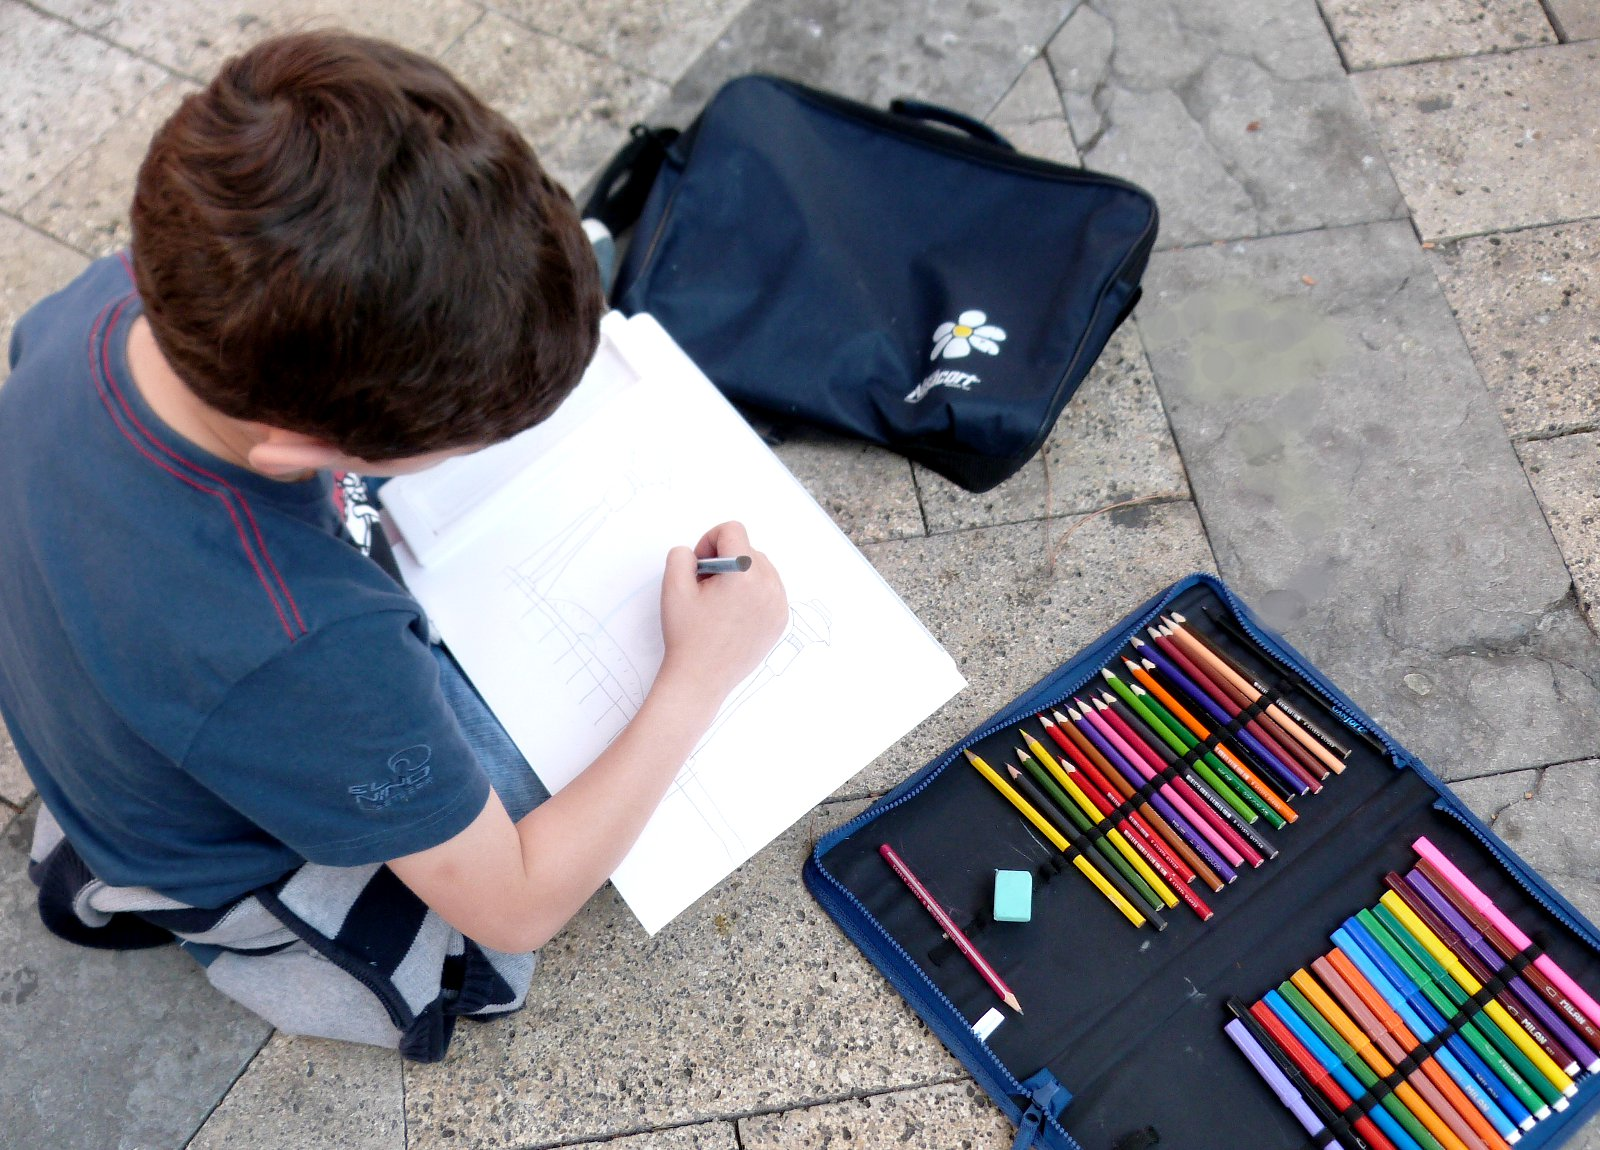 El Certamen de Dibujo y Pintura Juan D'opazo vuelve el 5 de junio a Daimiel